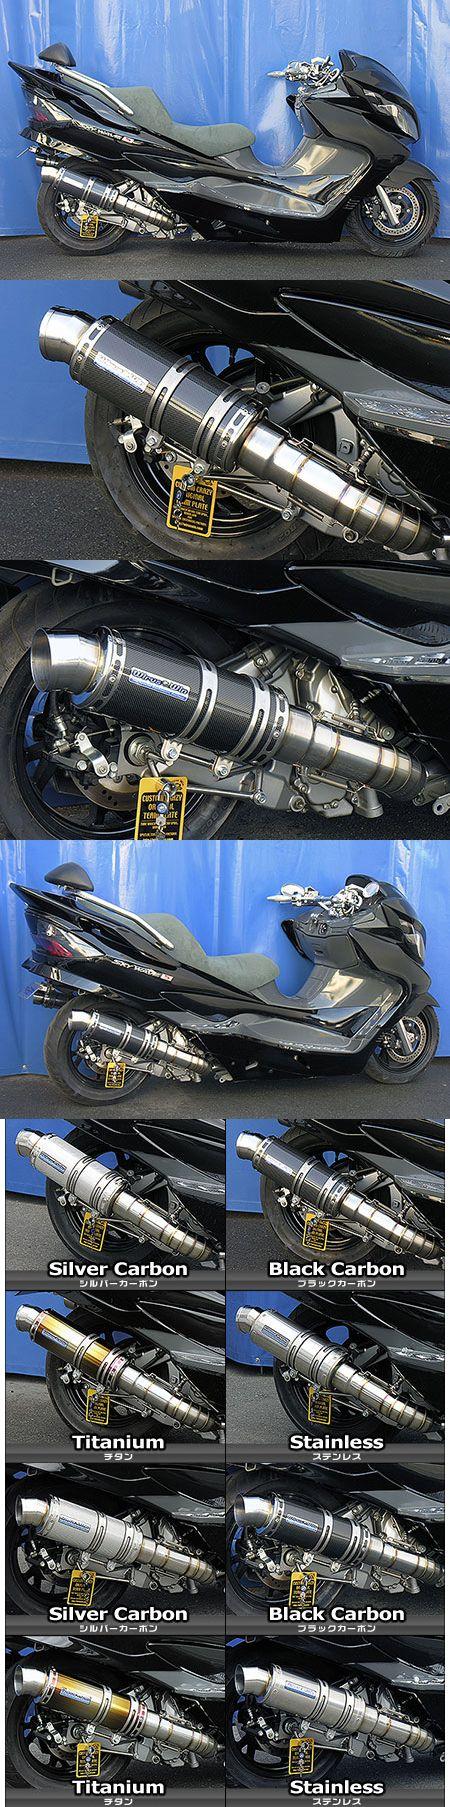 Premium全段排氣管 黑色碳纖維款式